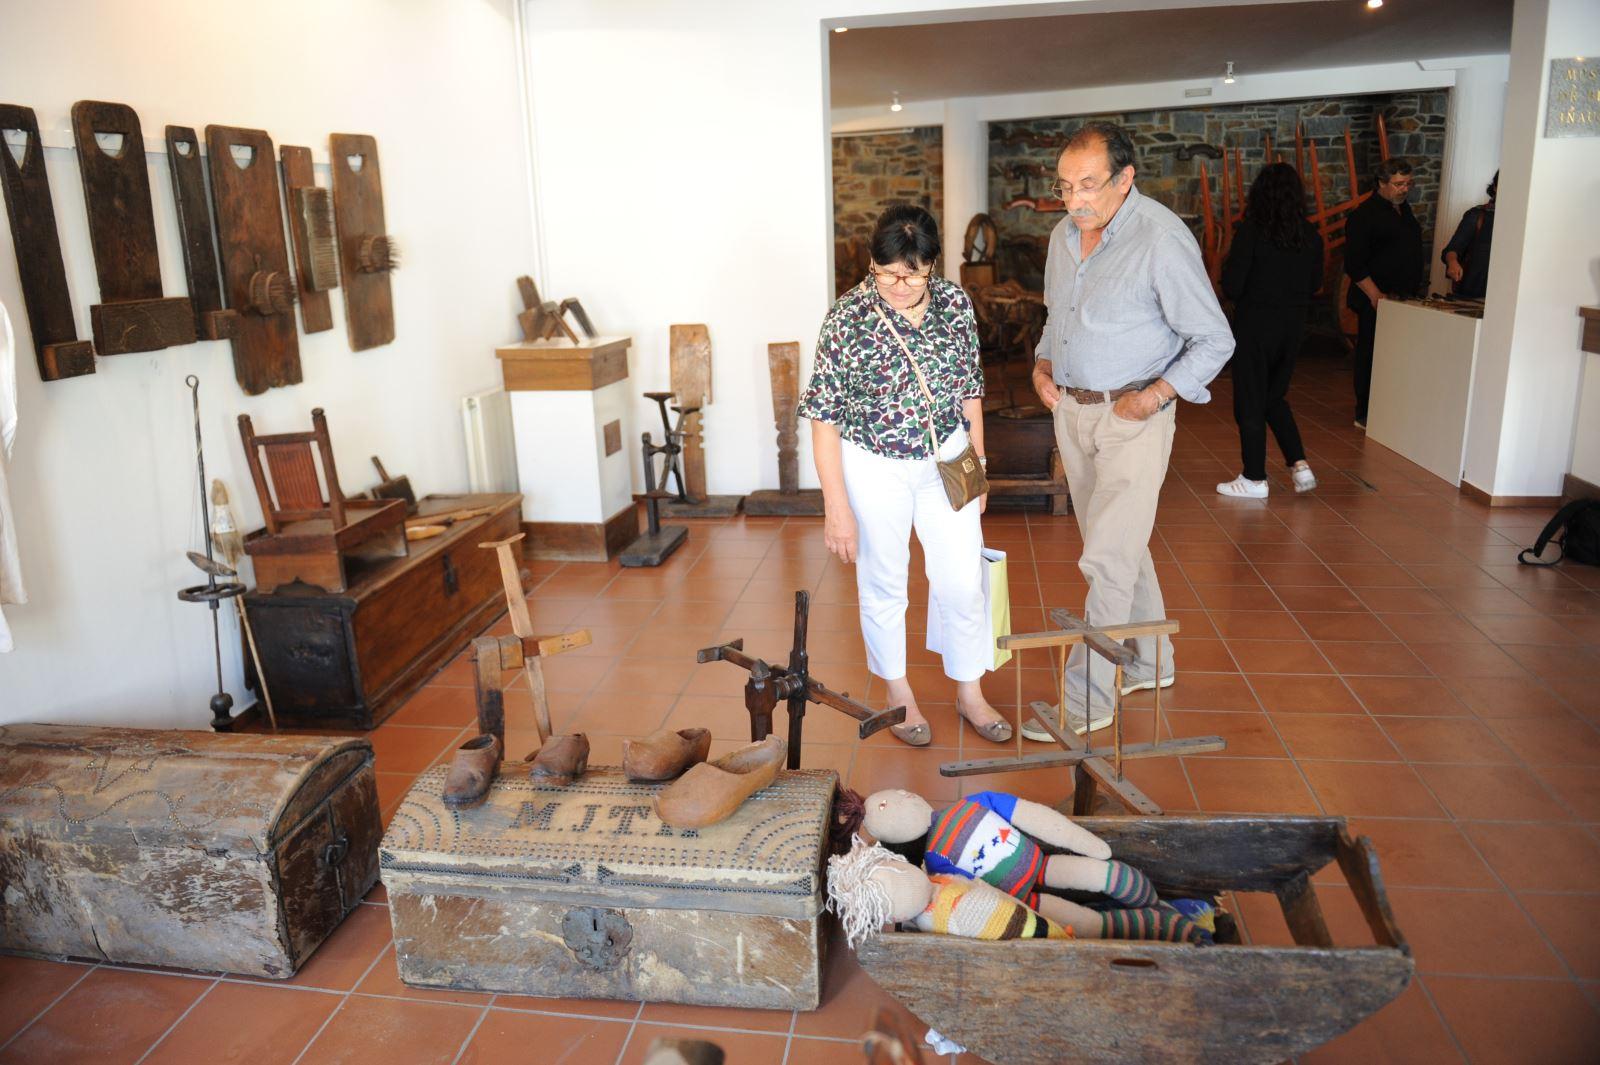 Museologia | Refletir sobre o papel dos museus